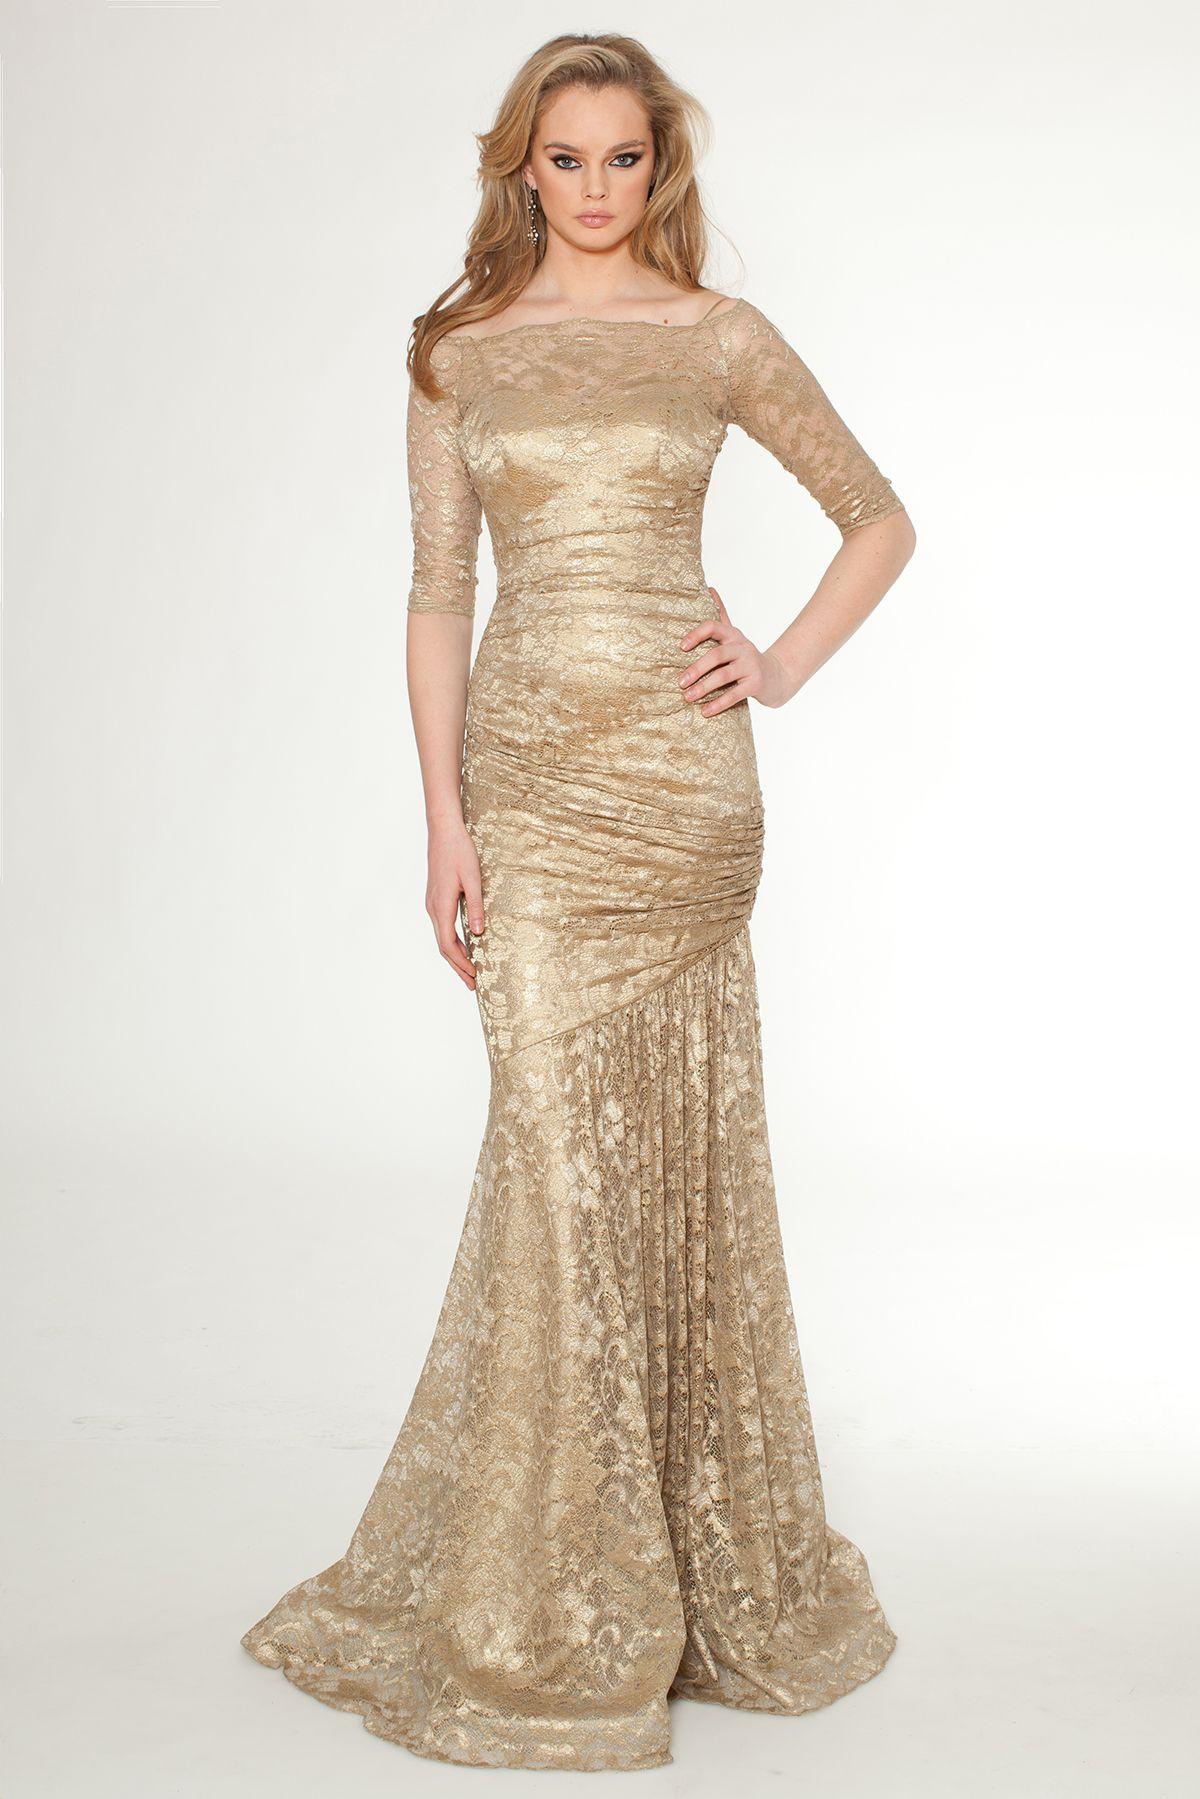 Atemberaubend Gold Fishtail Prom Kleid Galerie - Hochzeit Kleid ...